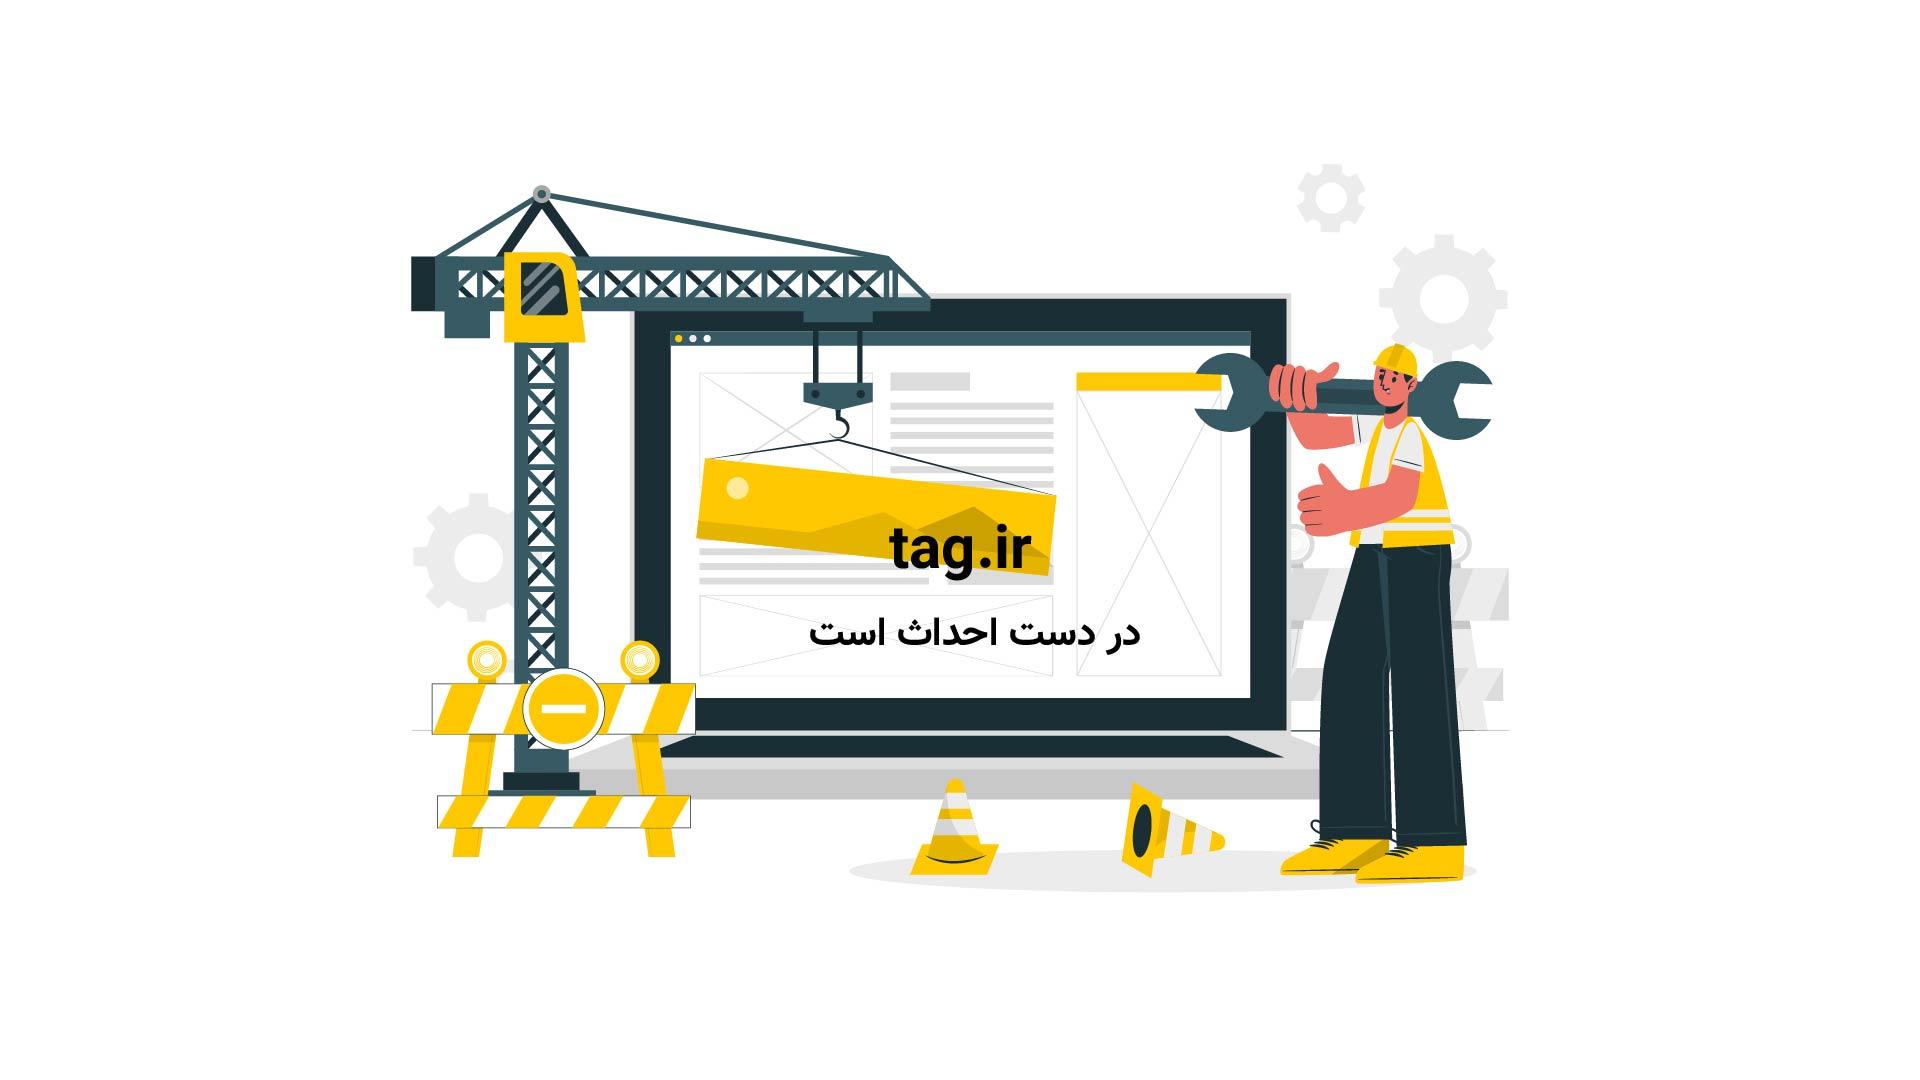 سخنرانیهای تد؛ تمام شهرهای دنیا به کمک زنبورهای عسل نیاز دارند | فیلم